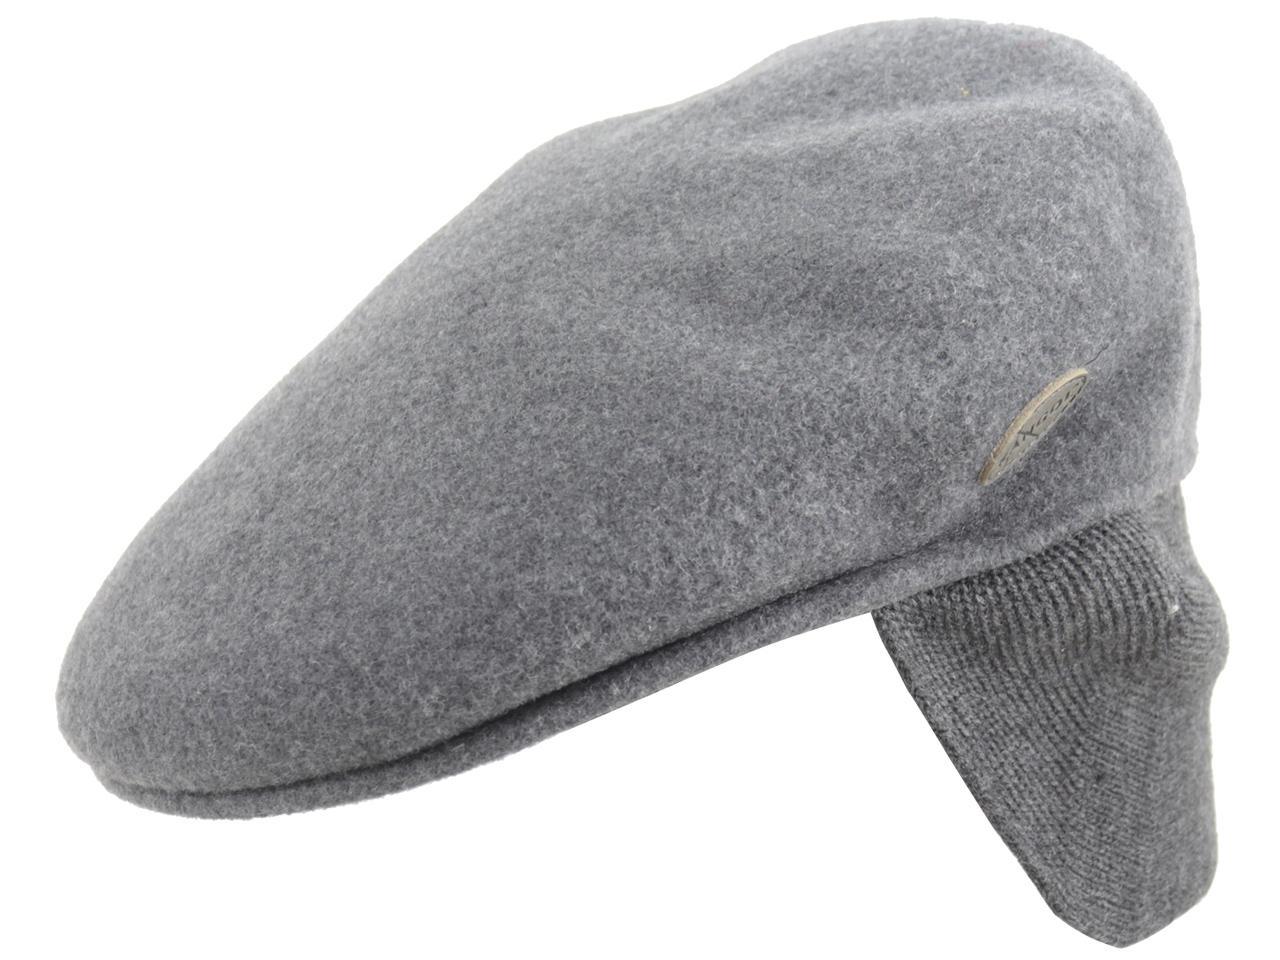 e9930505 Kangol Men's Wool 504 Earlap Flat Cap Hat